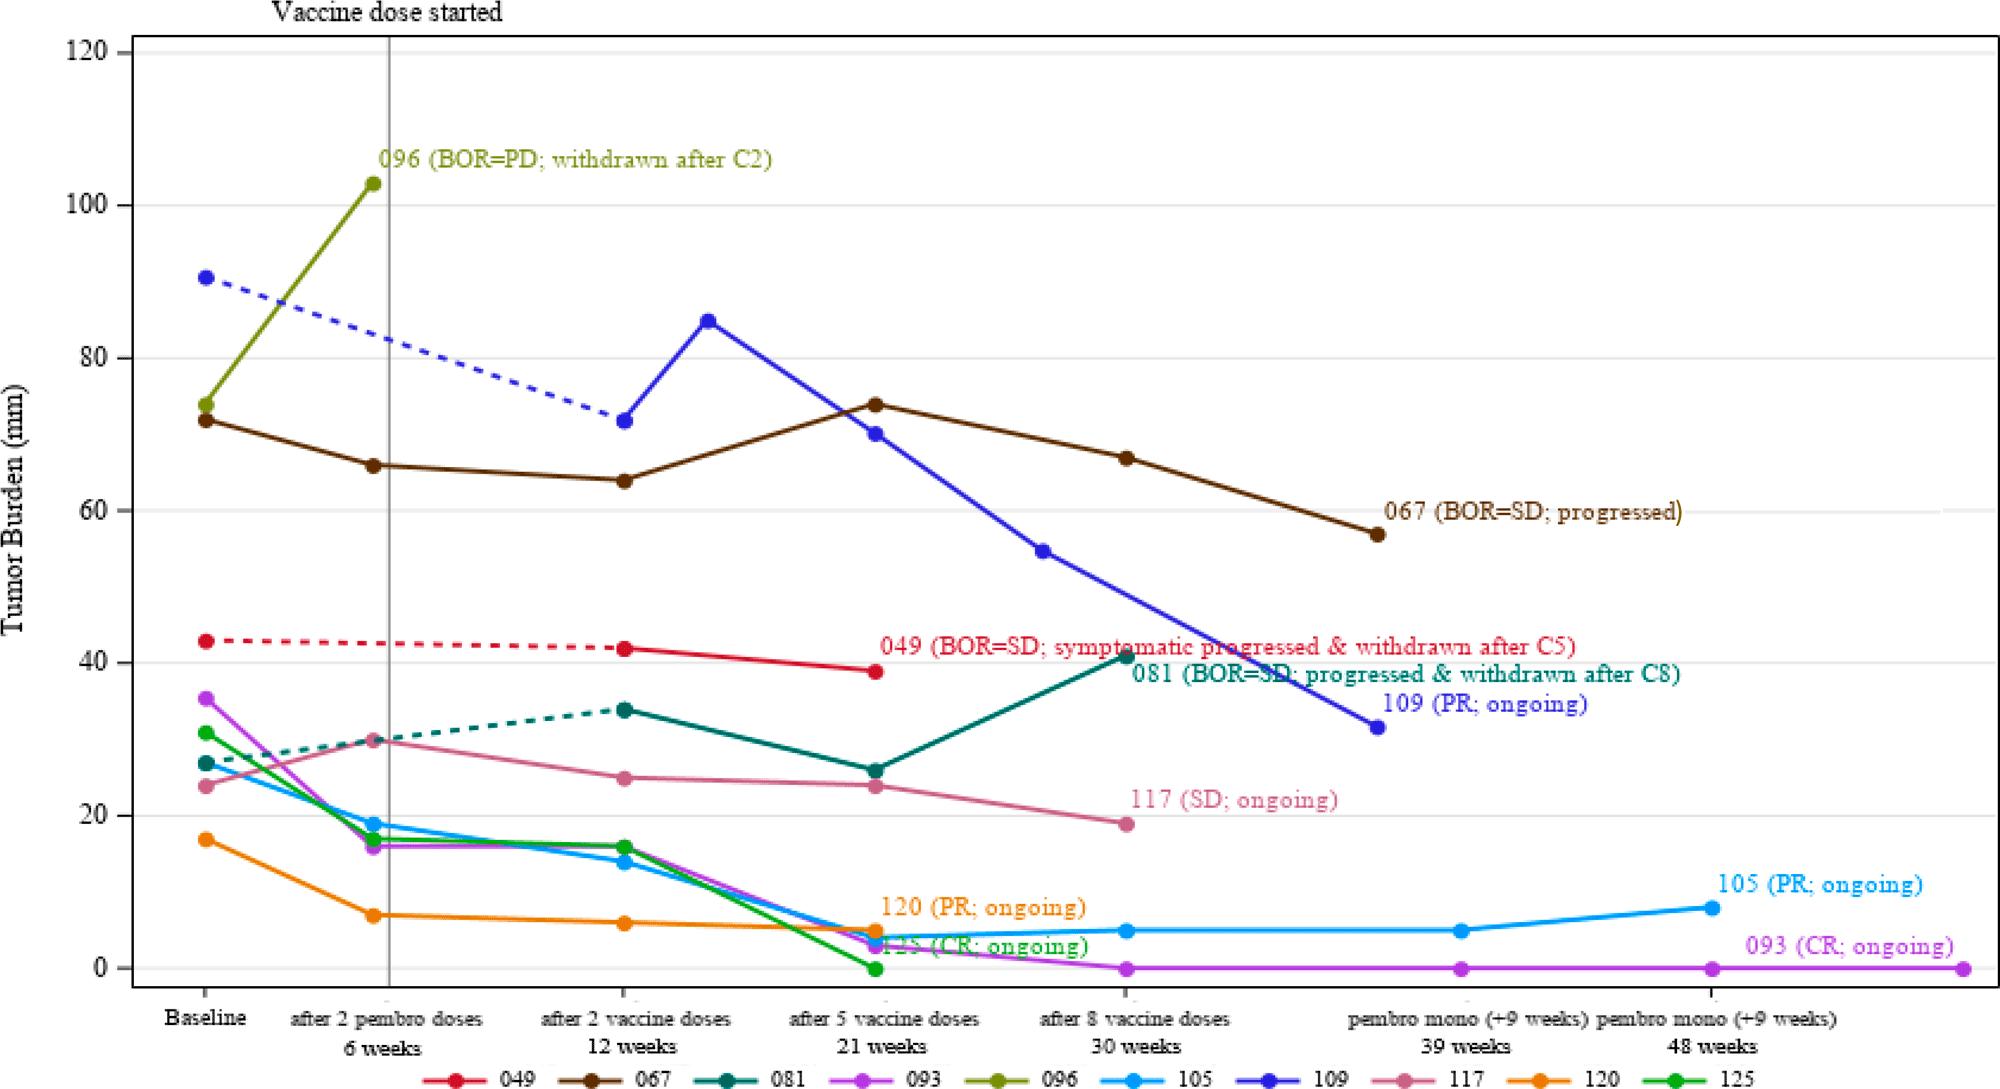 nct03313778 results 03 - Moderna mRNA-4157: персонализированная противораковая вакцина, которая работает